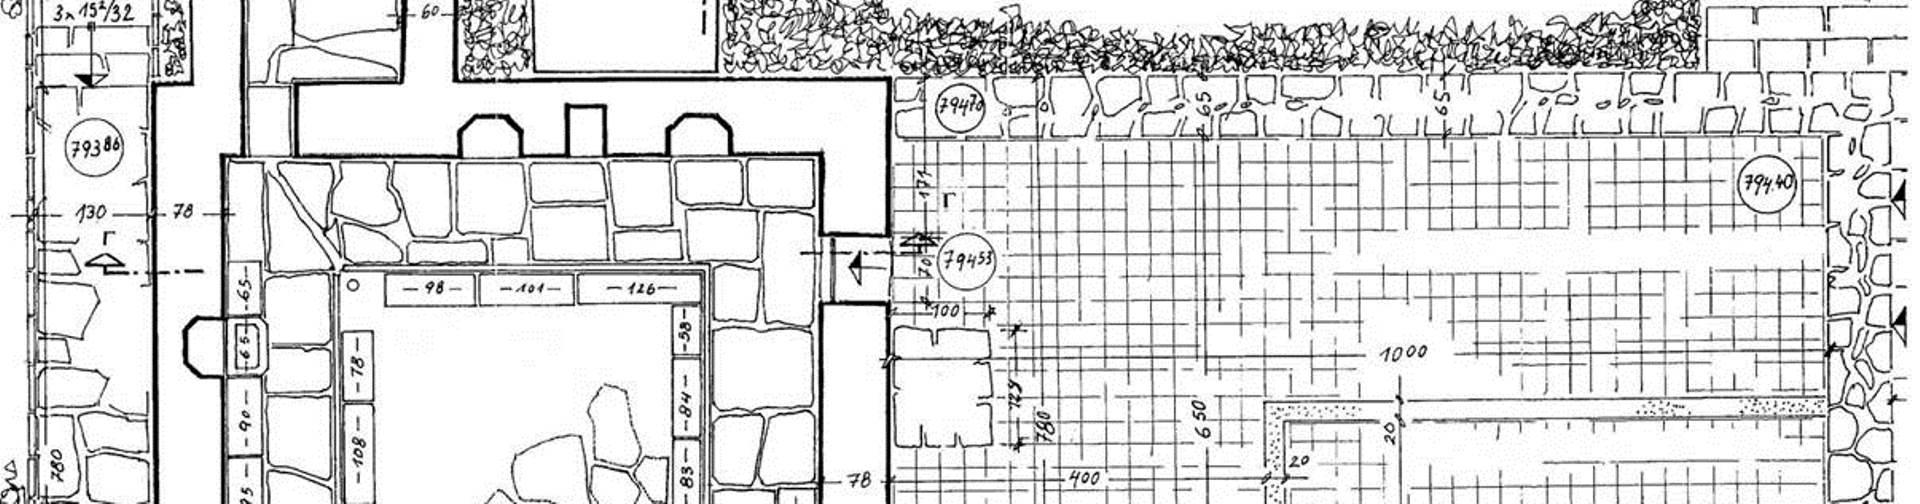 Старата баня, село Баня, община Разлог